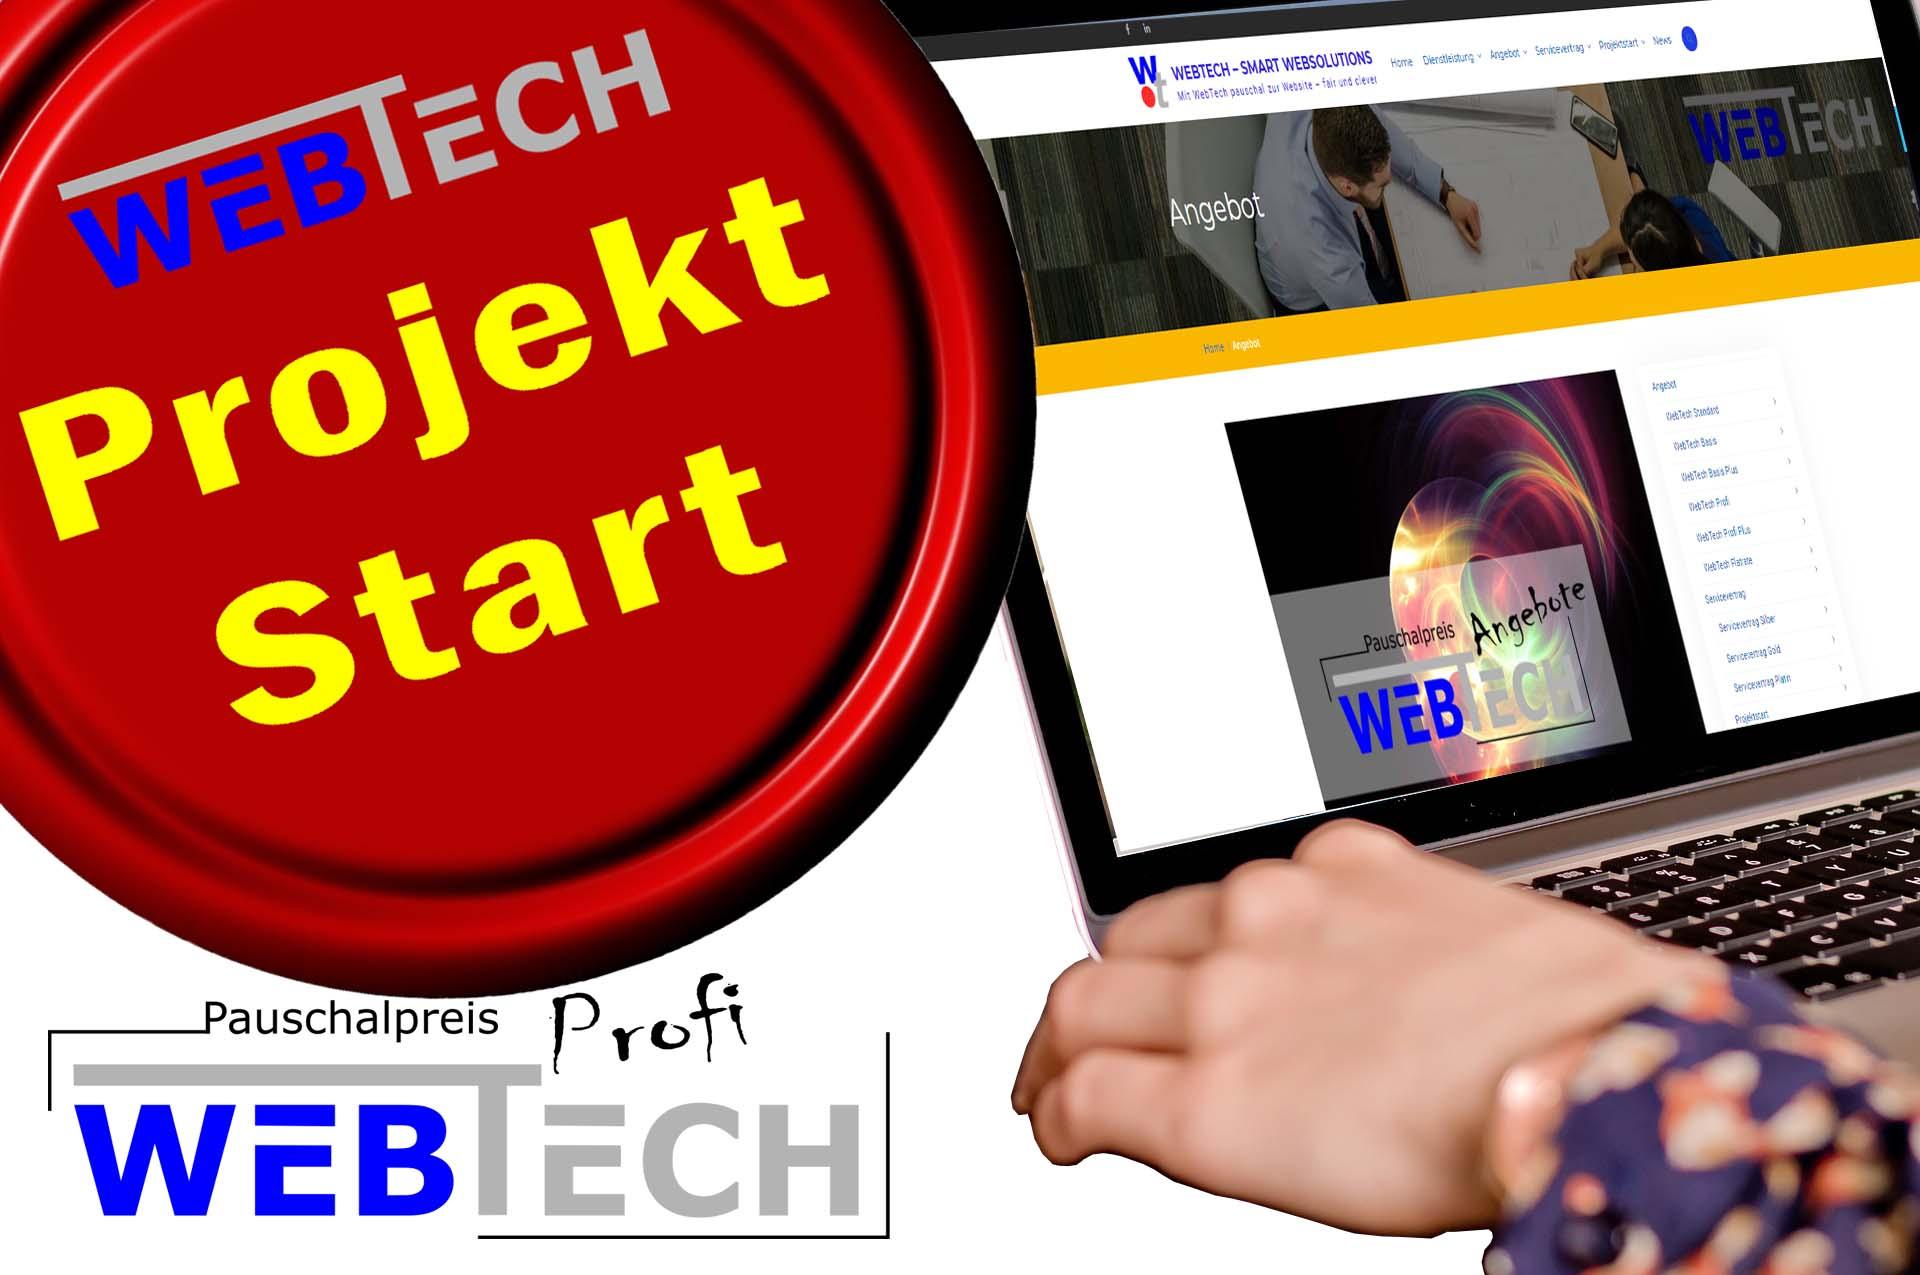 Standard, WebTech Standard, webtech, websolutions, smart websolutions, webdesign, wordpress, webseite, webseiten, website, homepage, webseite erstellen, grafik, webservice, WebTech Media, Webkonzept, Pauschalpreis, Flaterate, Flatrate, Webservice, Service, Projekt Start, Projektstart, Profi, Profi Plus, Basis, Basis Plus,